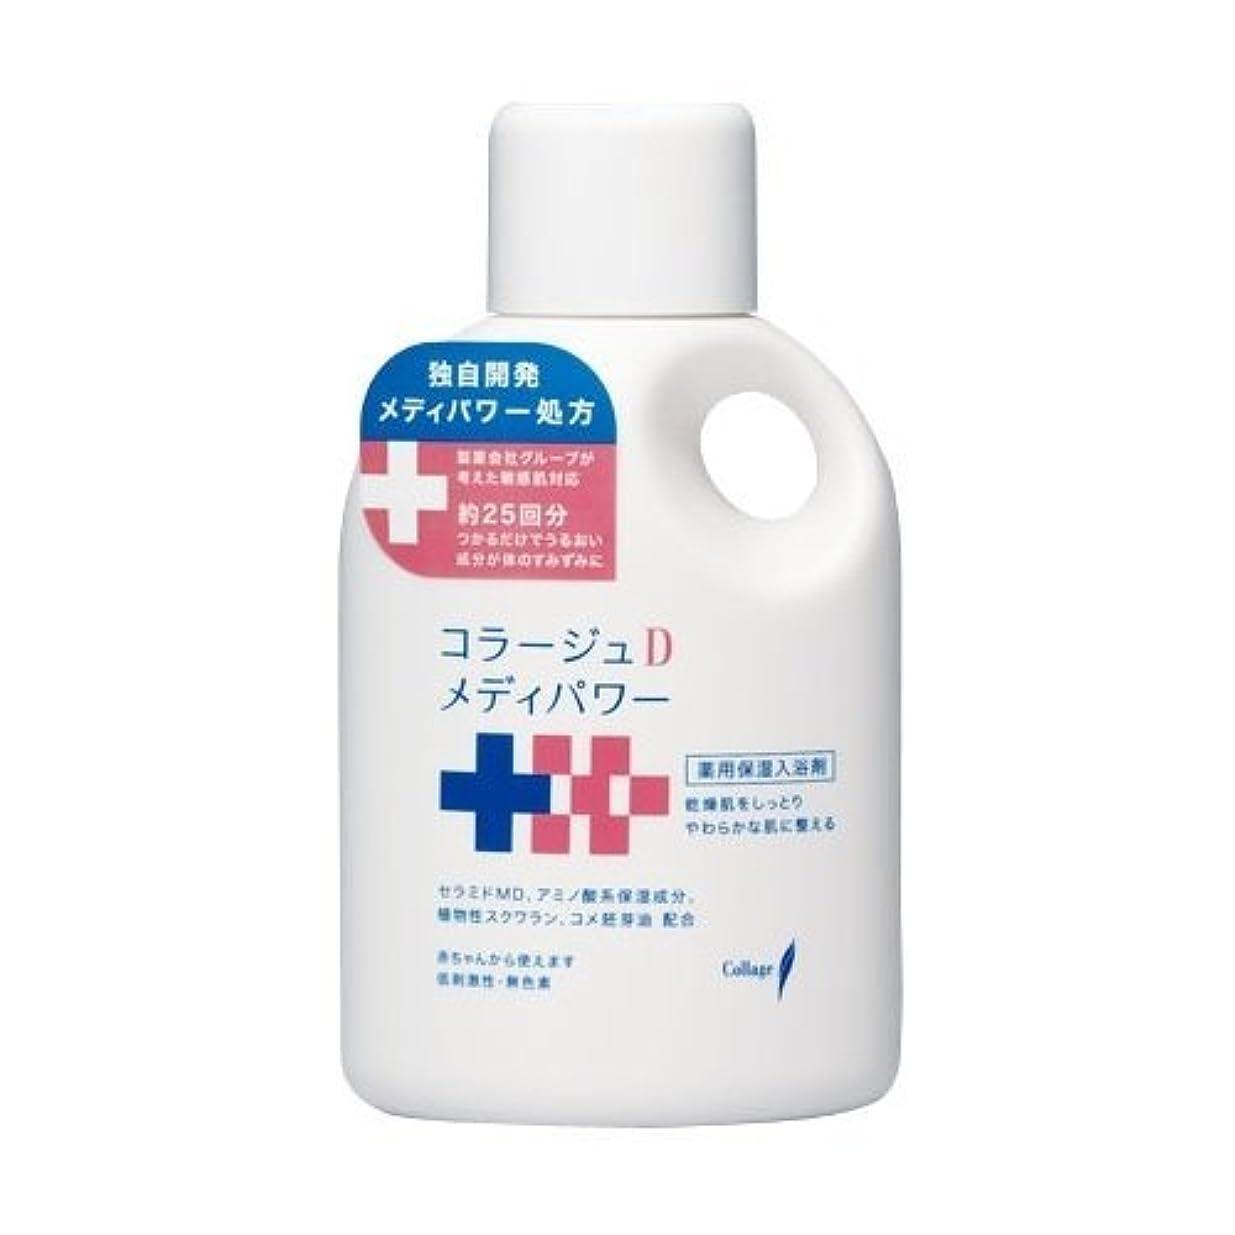 文字ホバー施しコラージュ Dメディパワー 保湿入浴剤 500mL (医薬部外品)